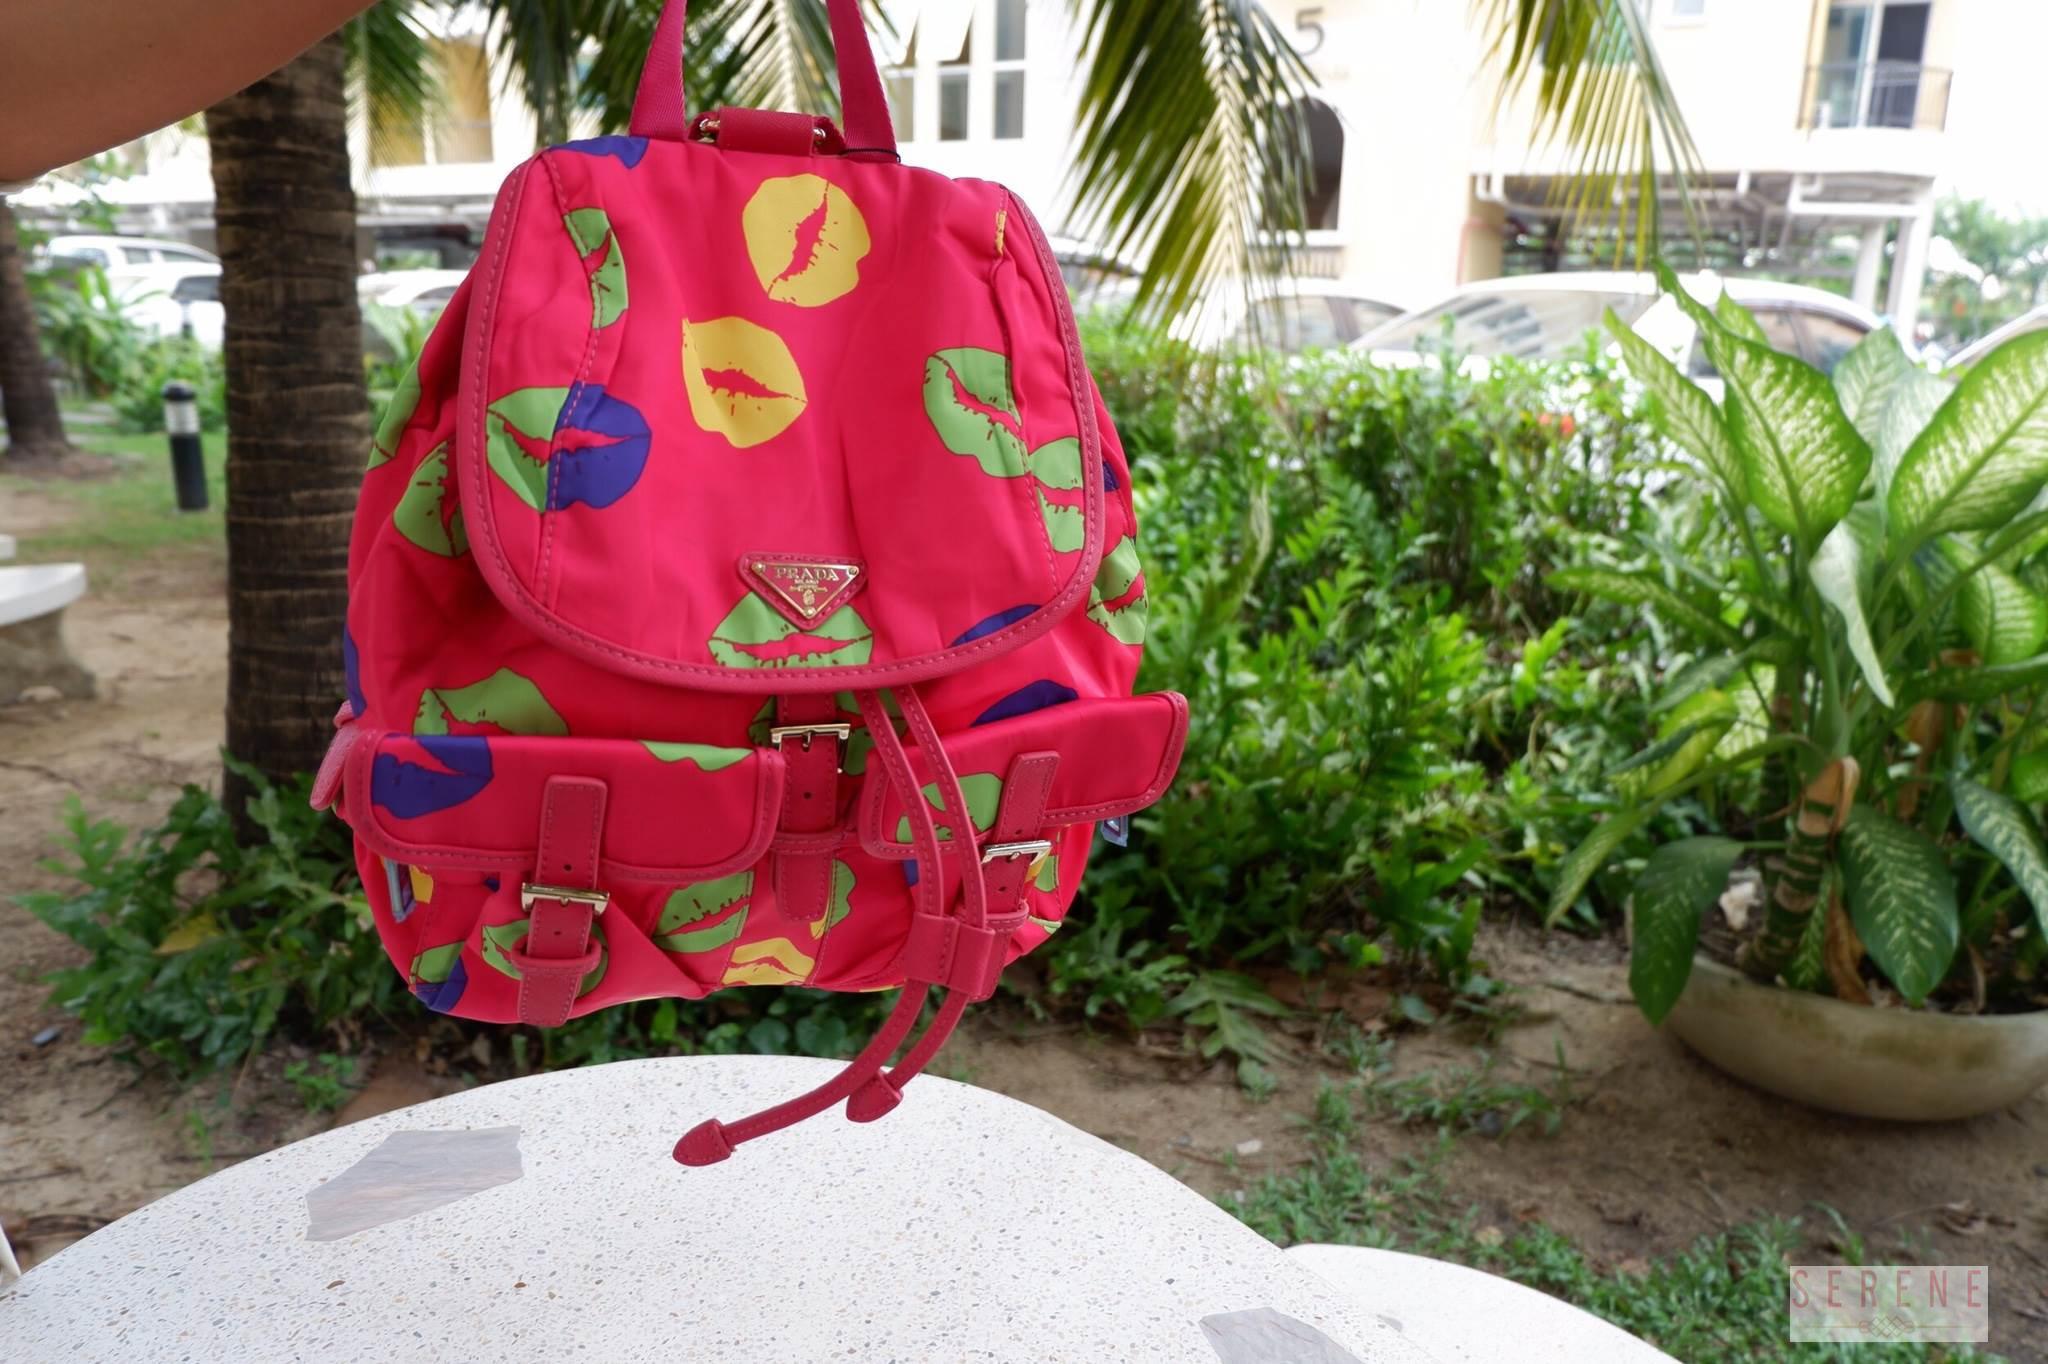 กระเป๋าเป้ PRADA รุ่น limited edetion